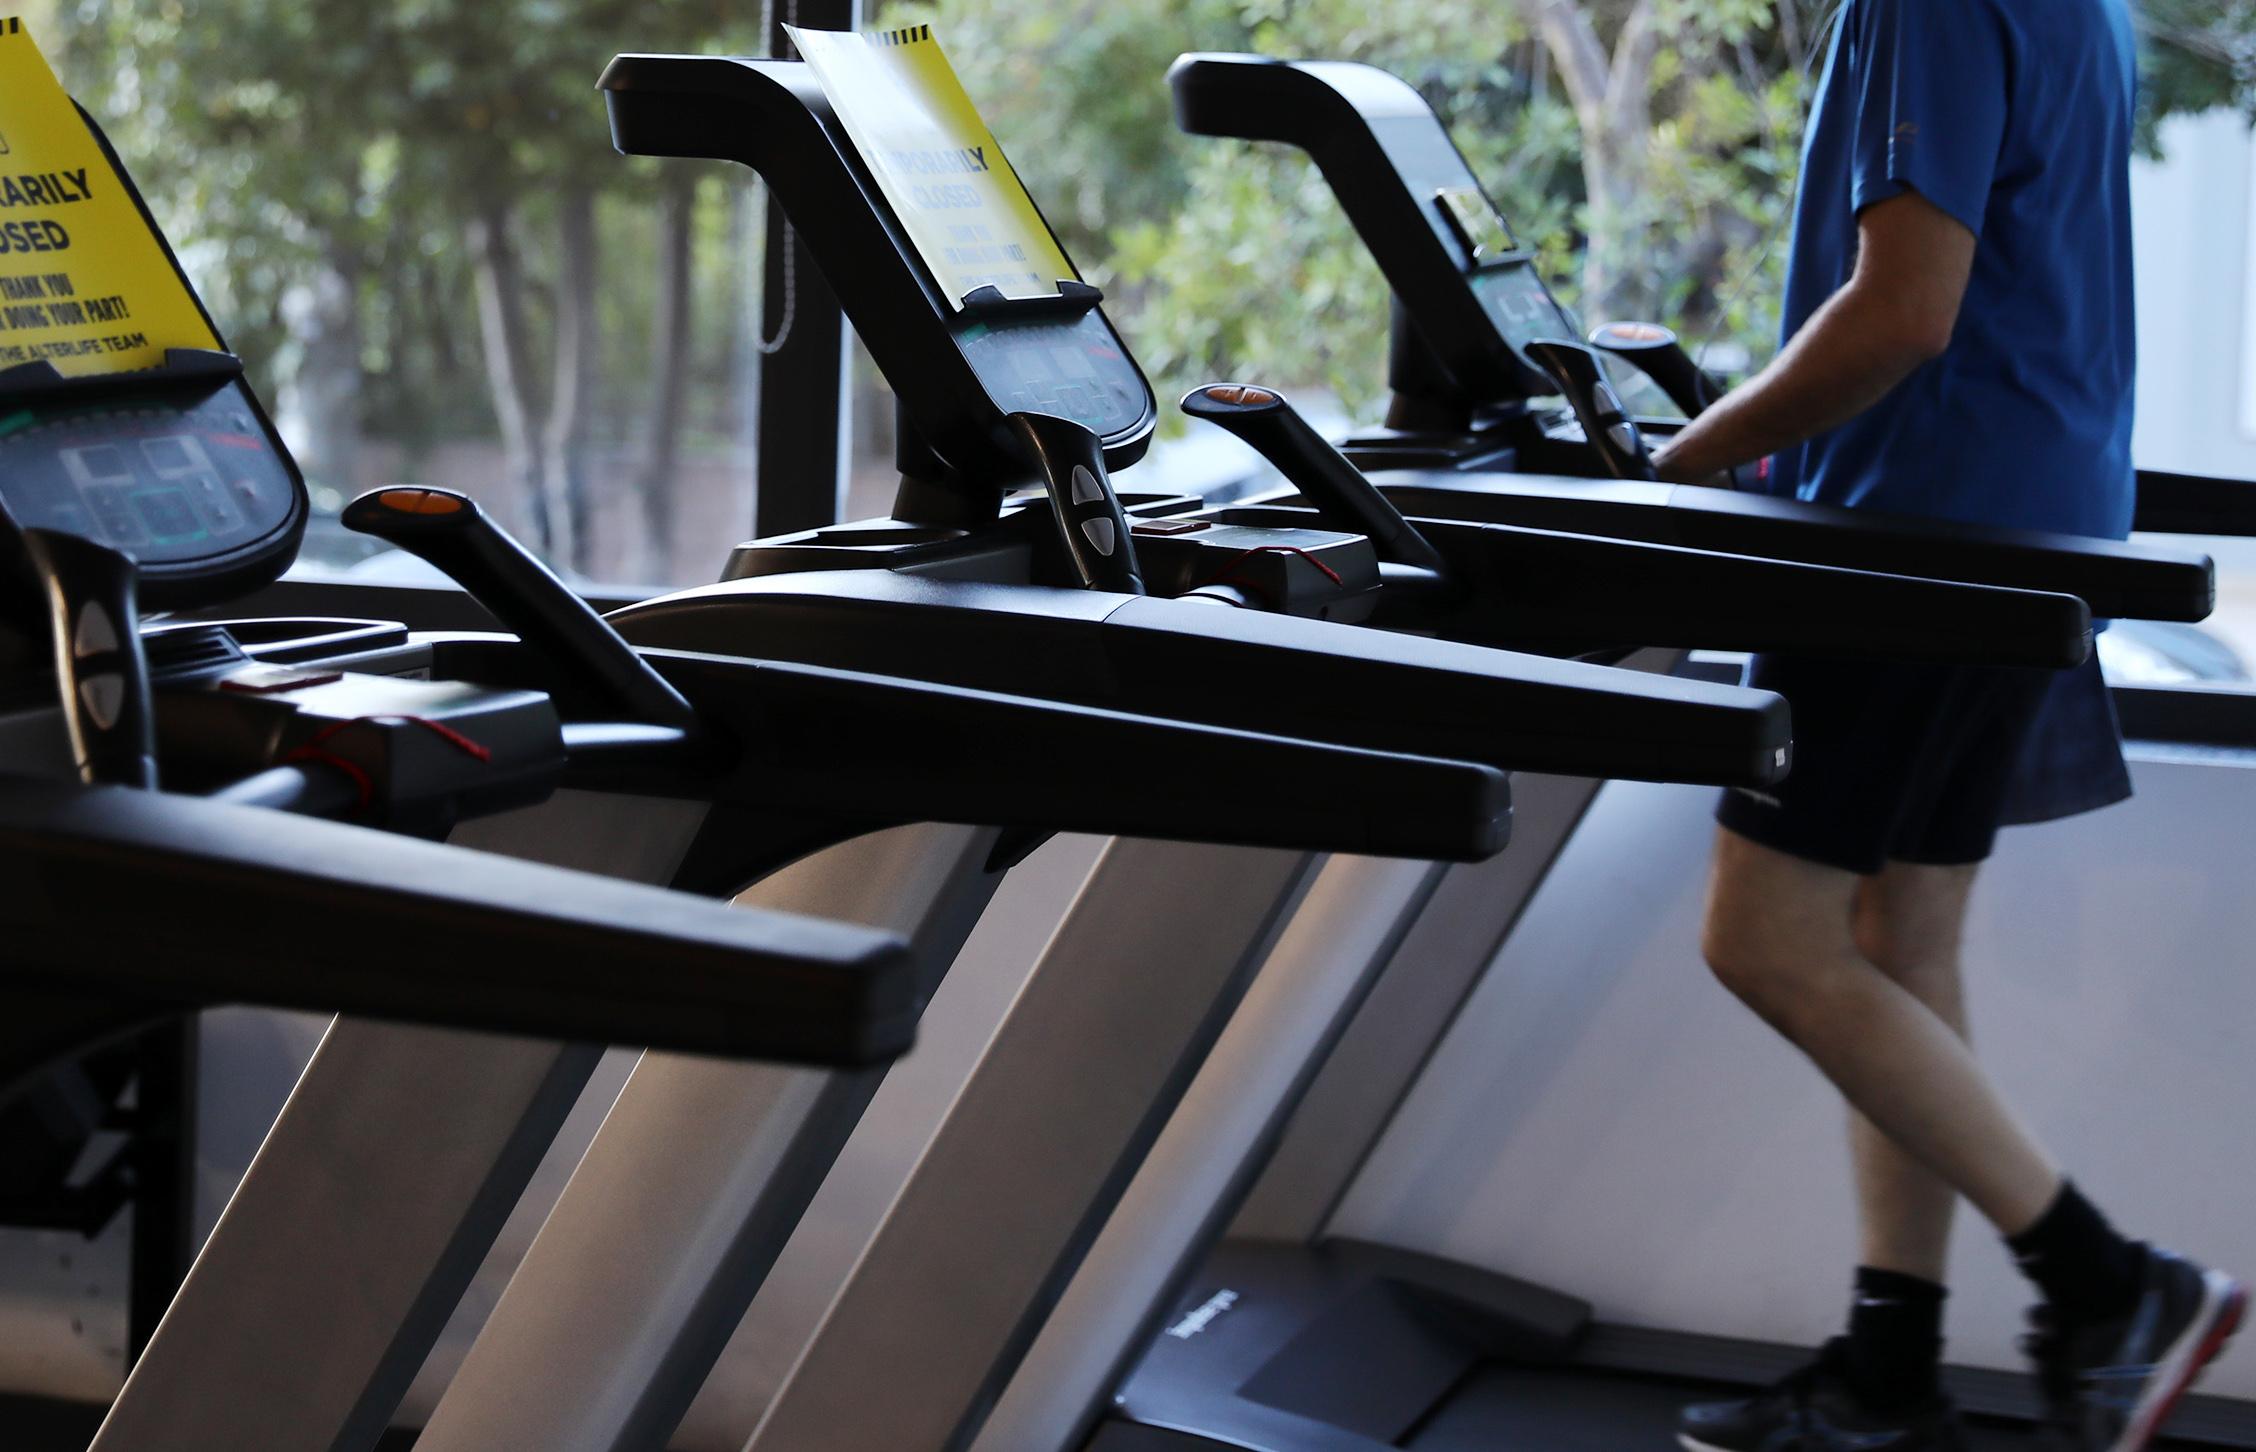 Κορονοϊός: Πρόστιμα σε δυο γυμναστήρια που λειτουργούσαν παράνομα